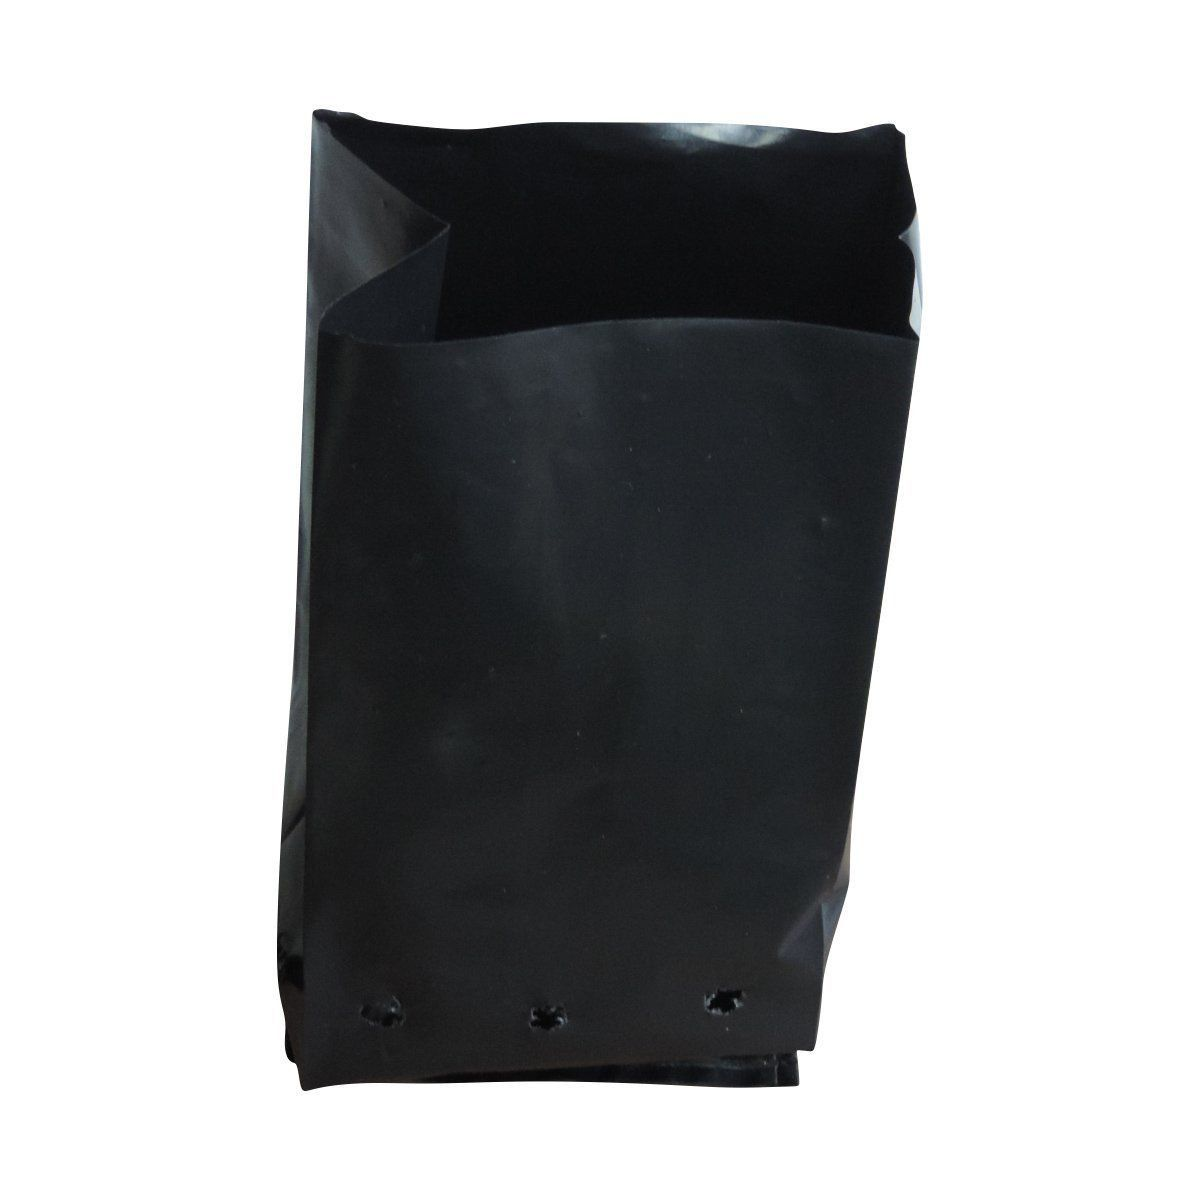 Saco para mudas aproximadamente 35cm x 40cm plástico preto 100 unidades